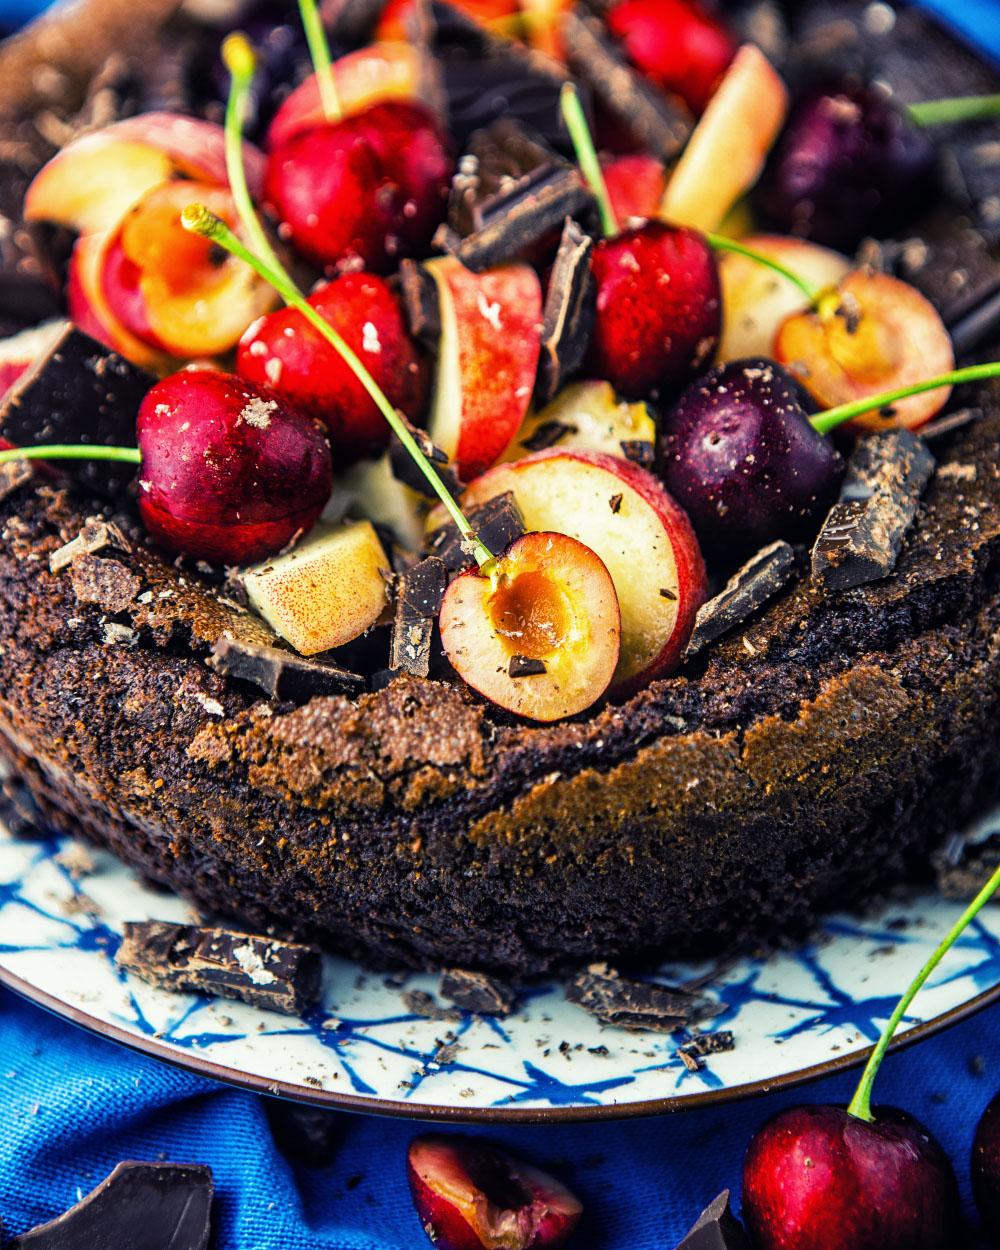 glutenfreier super saftiger schokoladenkuchen einfaches rezept ohne mehl mit frischen Früchten